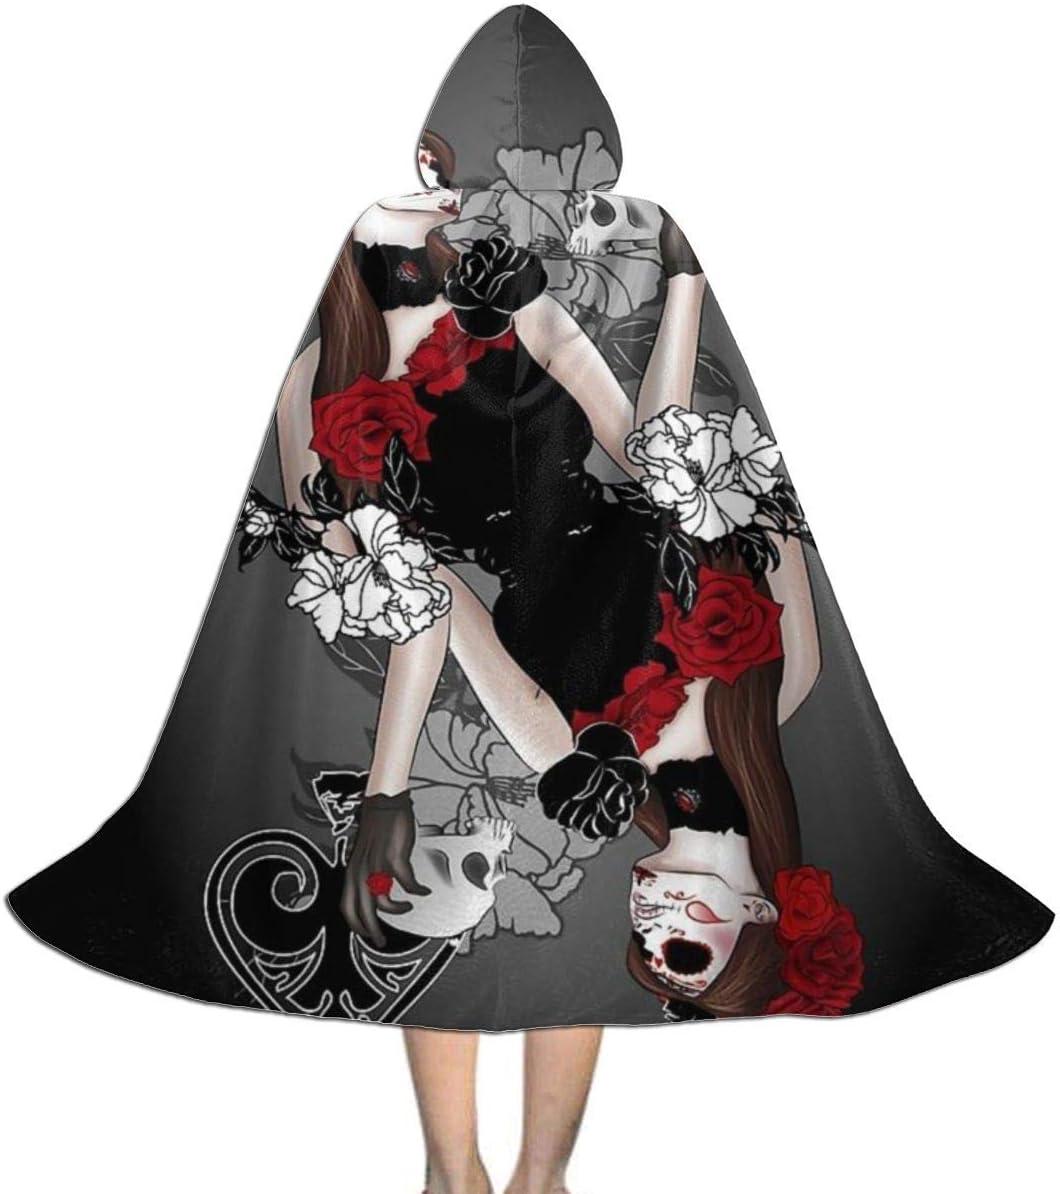 Capa Capa para niños con Capucha Reina de Espadas Cabeza de Calavera Rosas Disfraces de Halloween